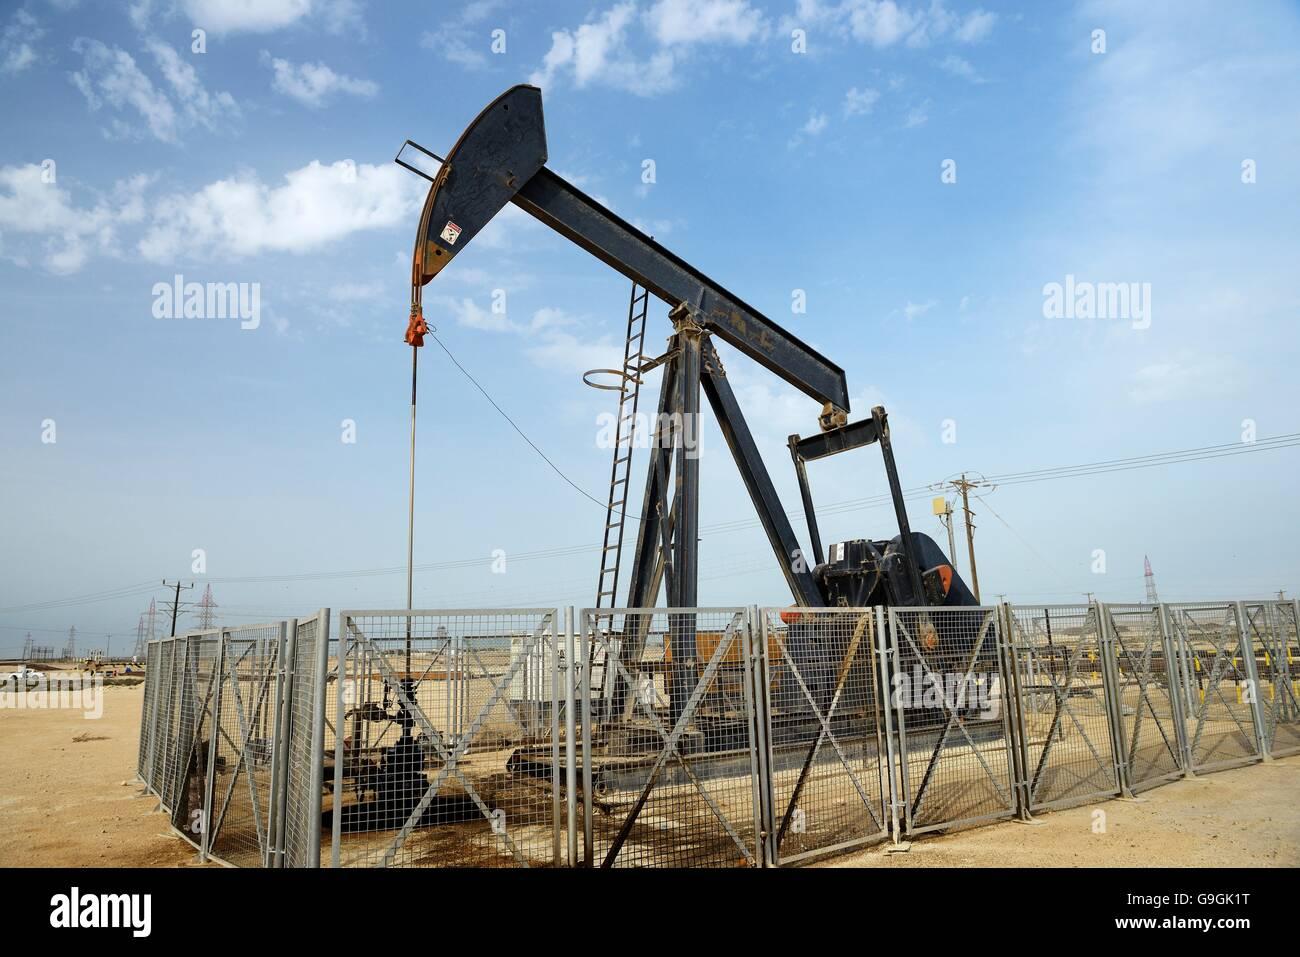 Pumpjack aka oil horse, nodding donkey, oil jack, beam pump raises crude oil in the Bahrain desert at Sakhir on - Stock Image